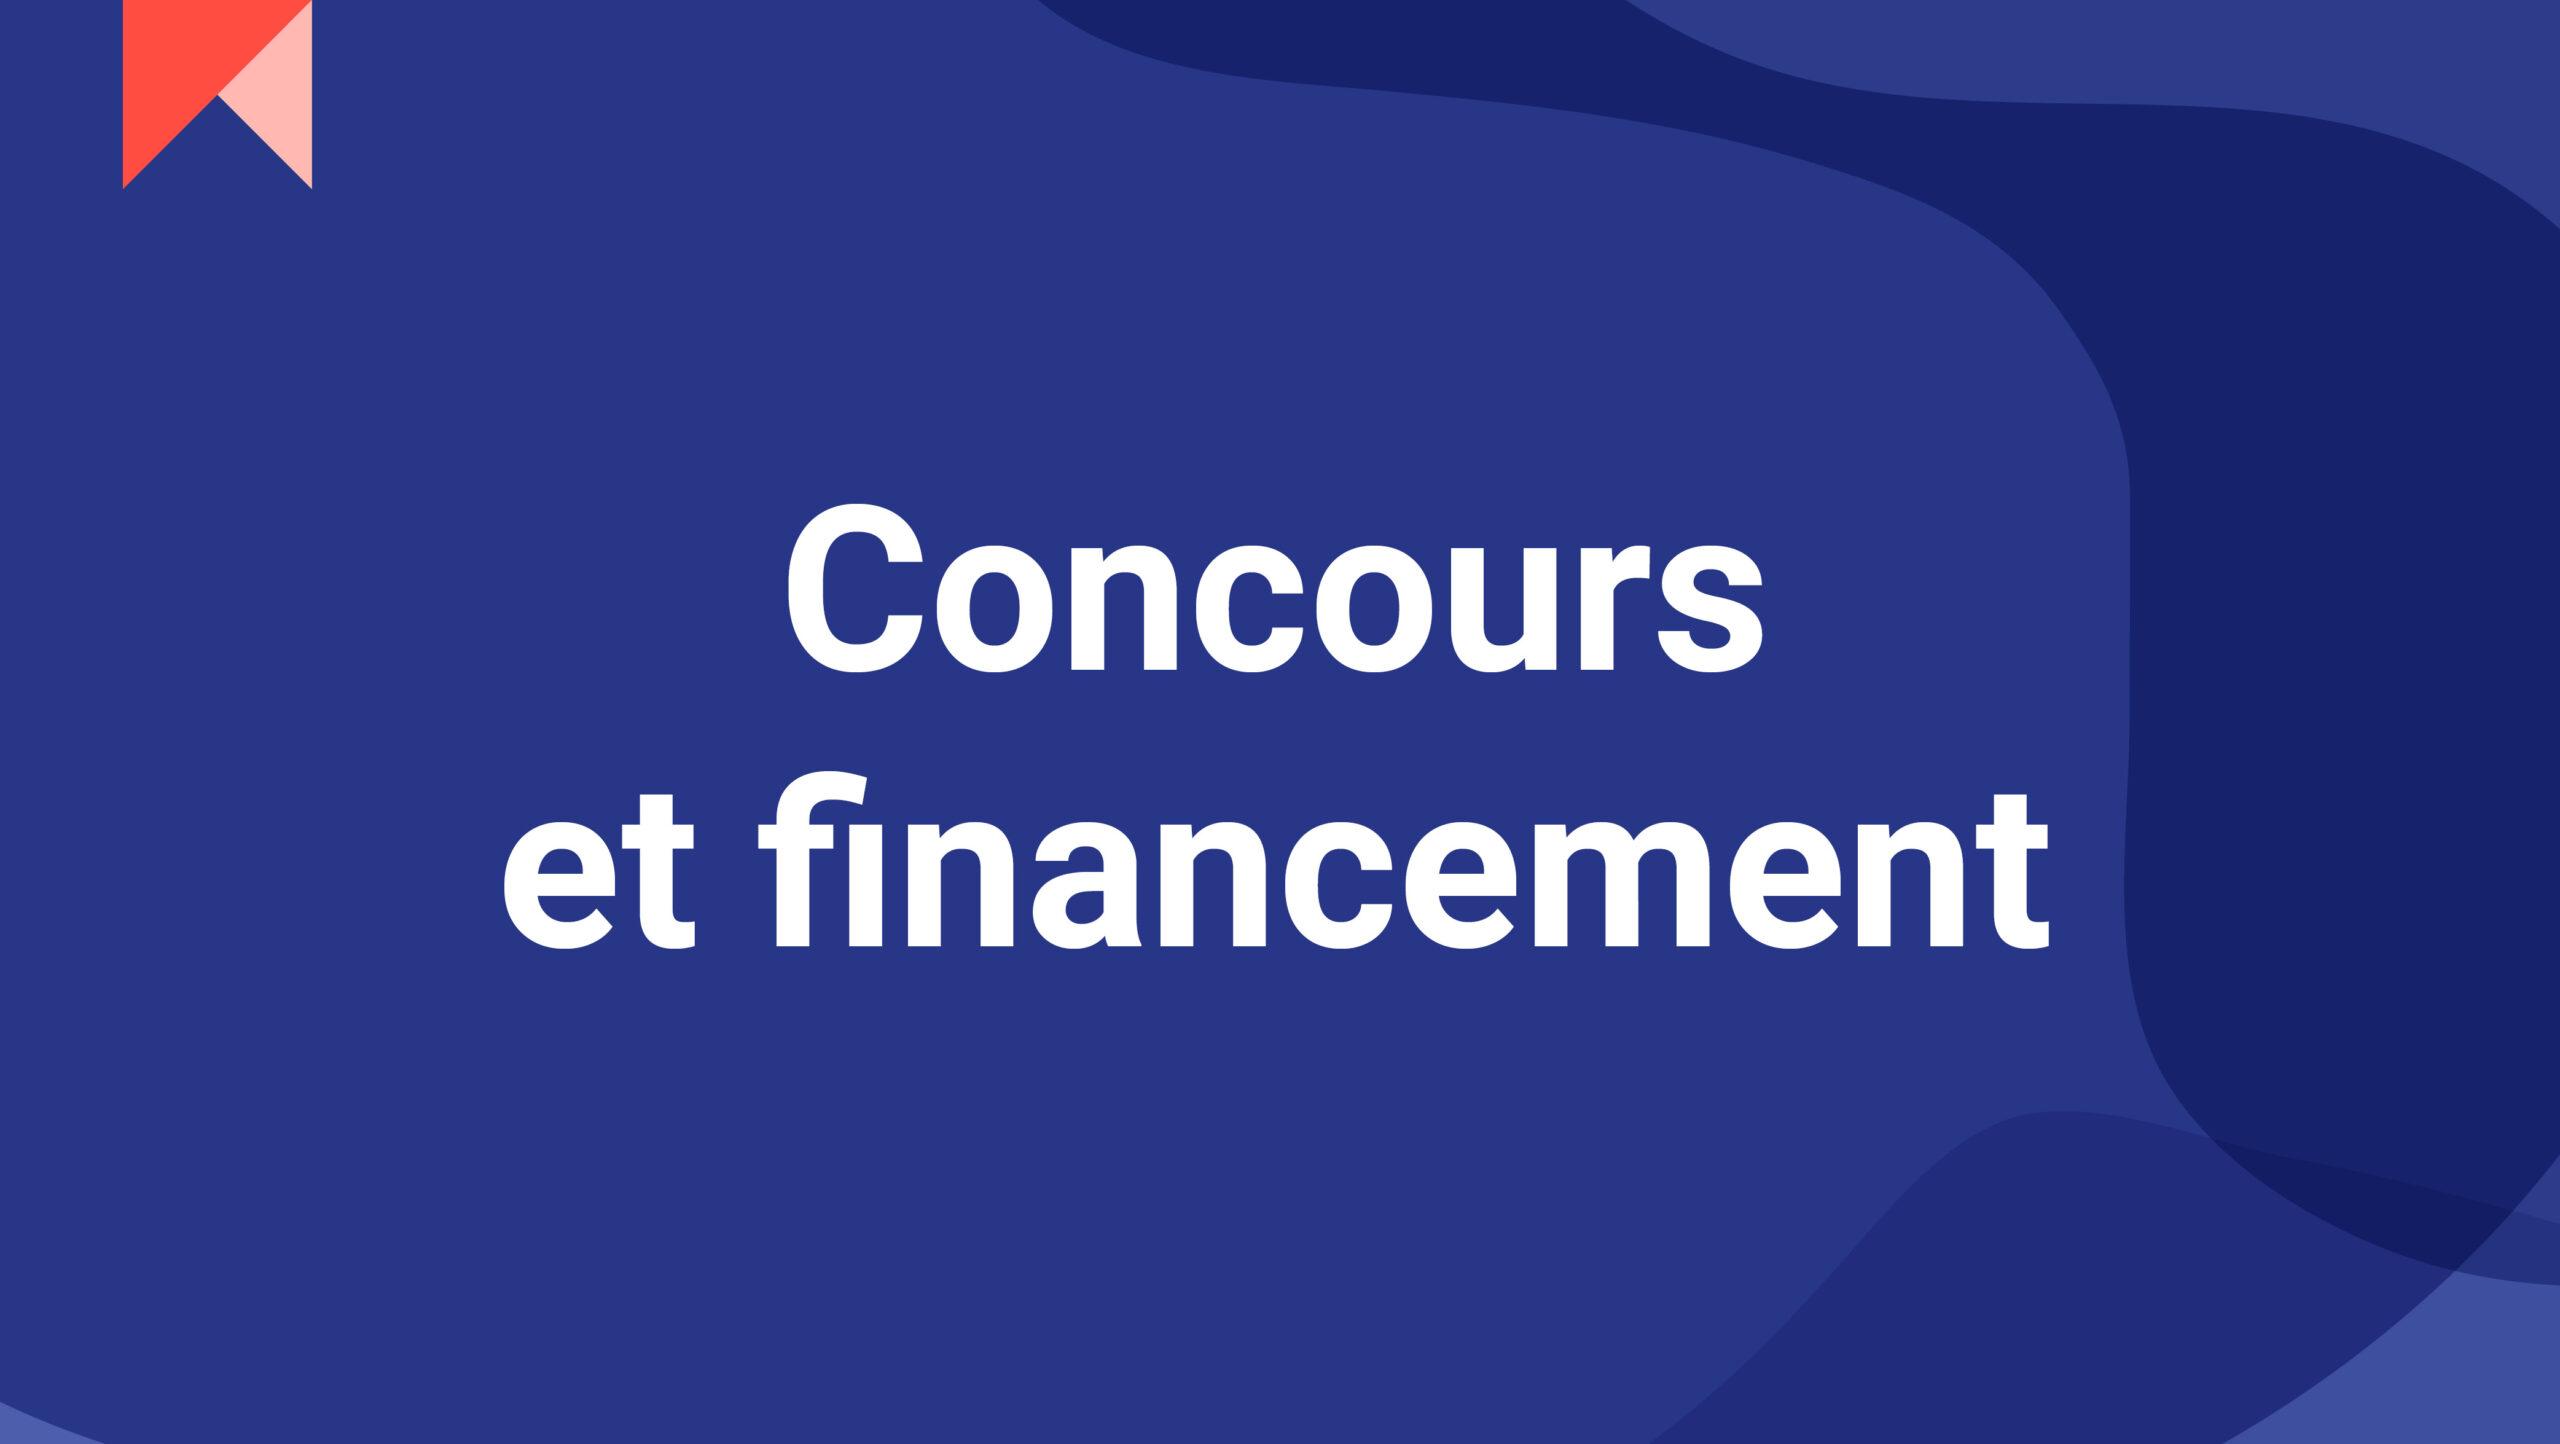 Concours et financement